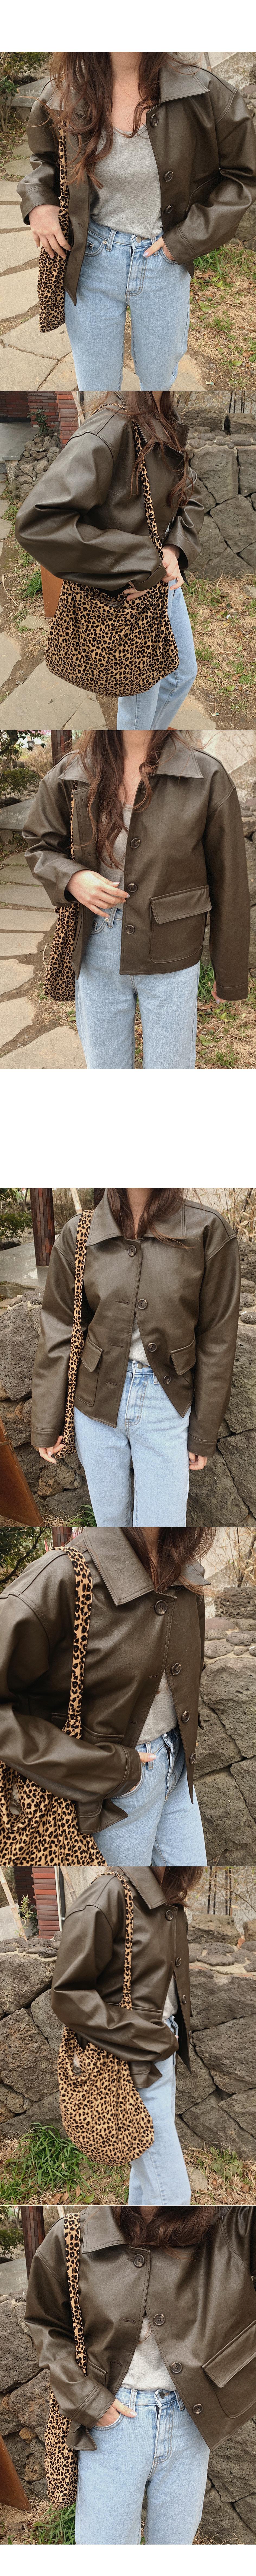 Aeld leather jacket